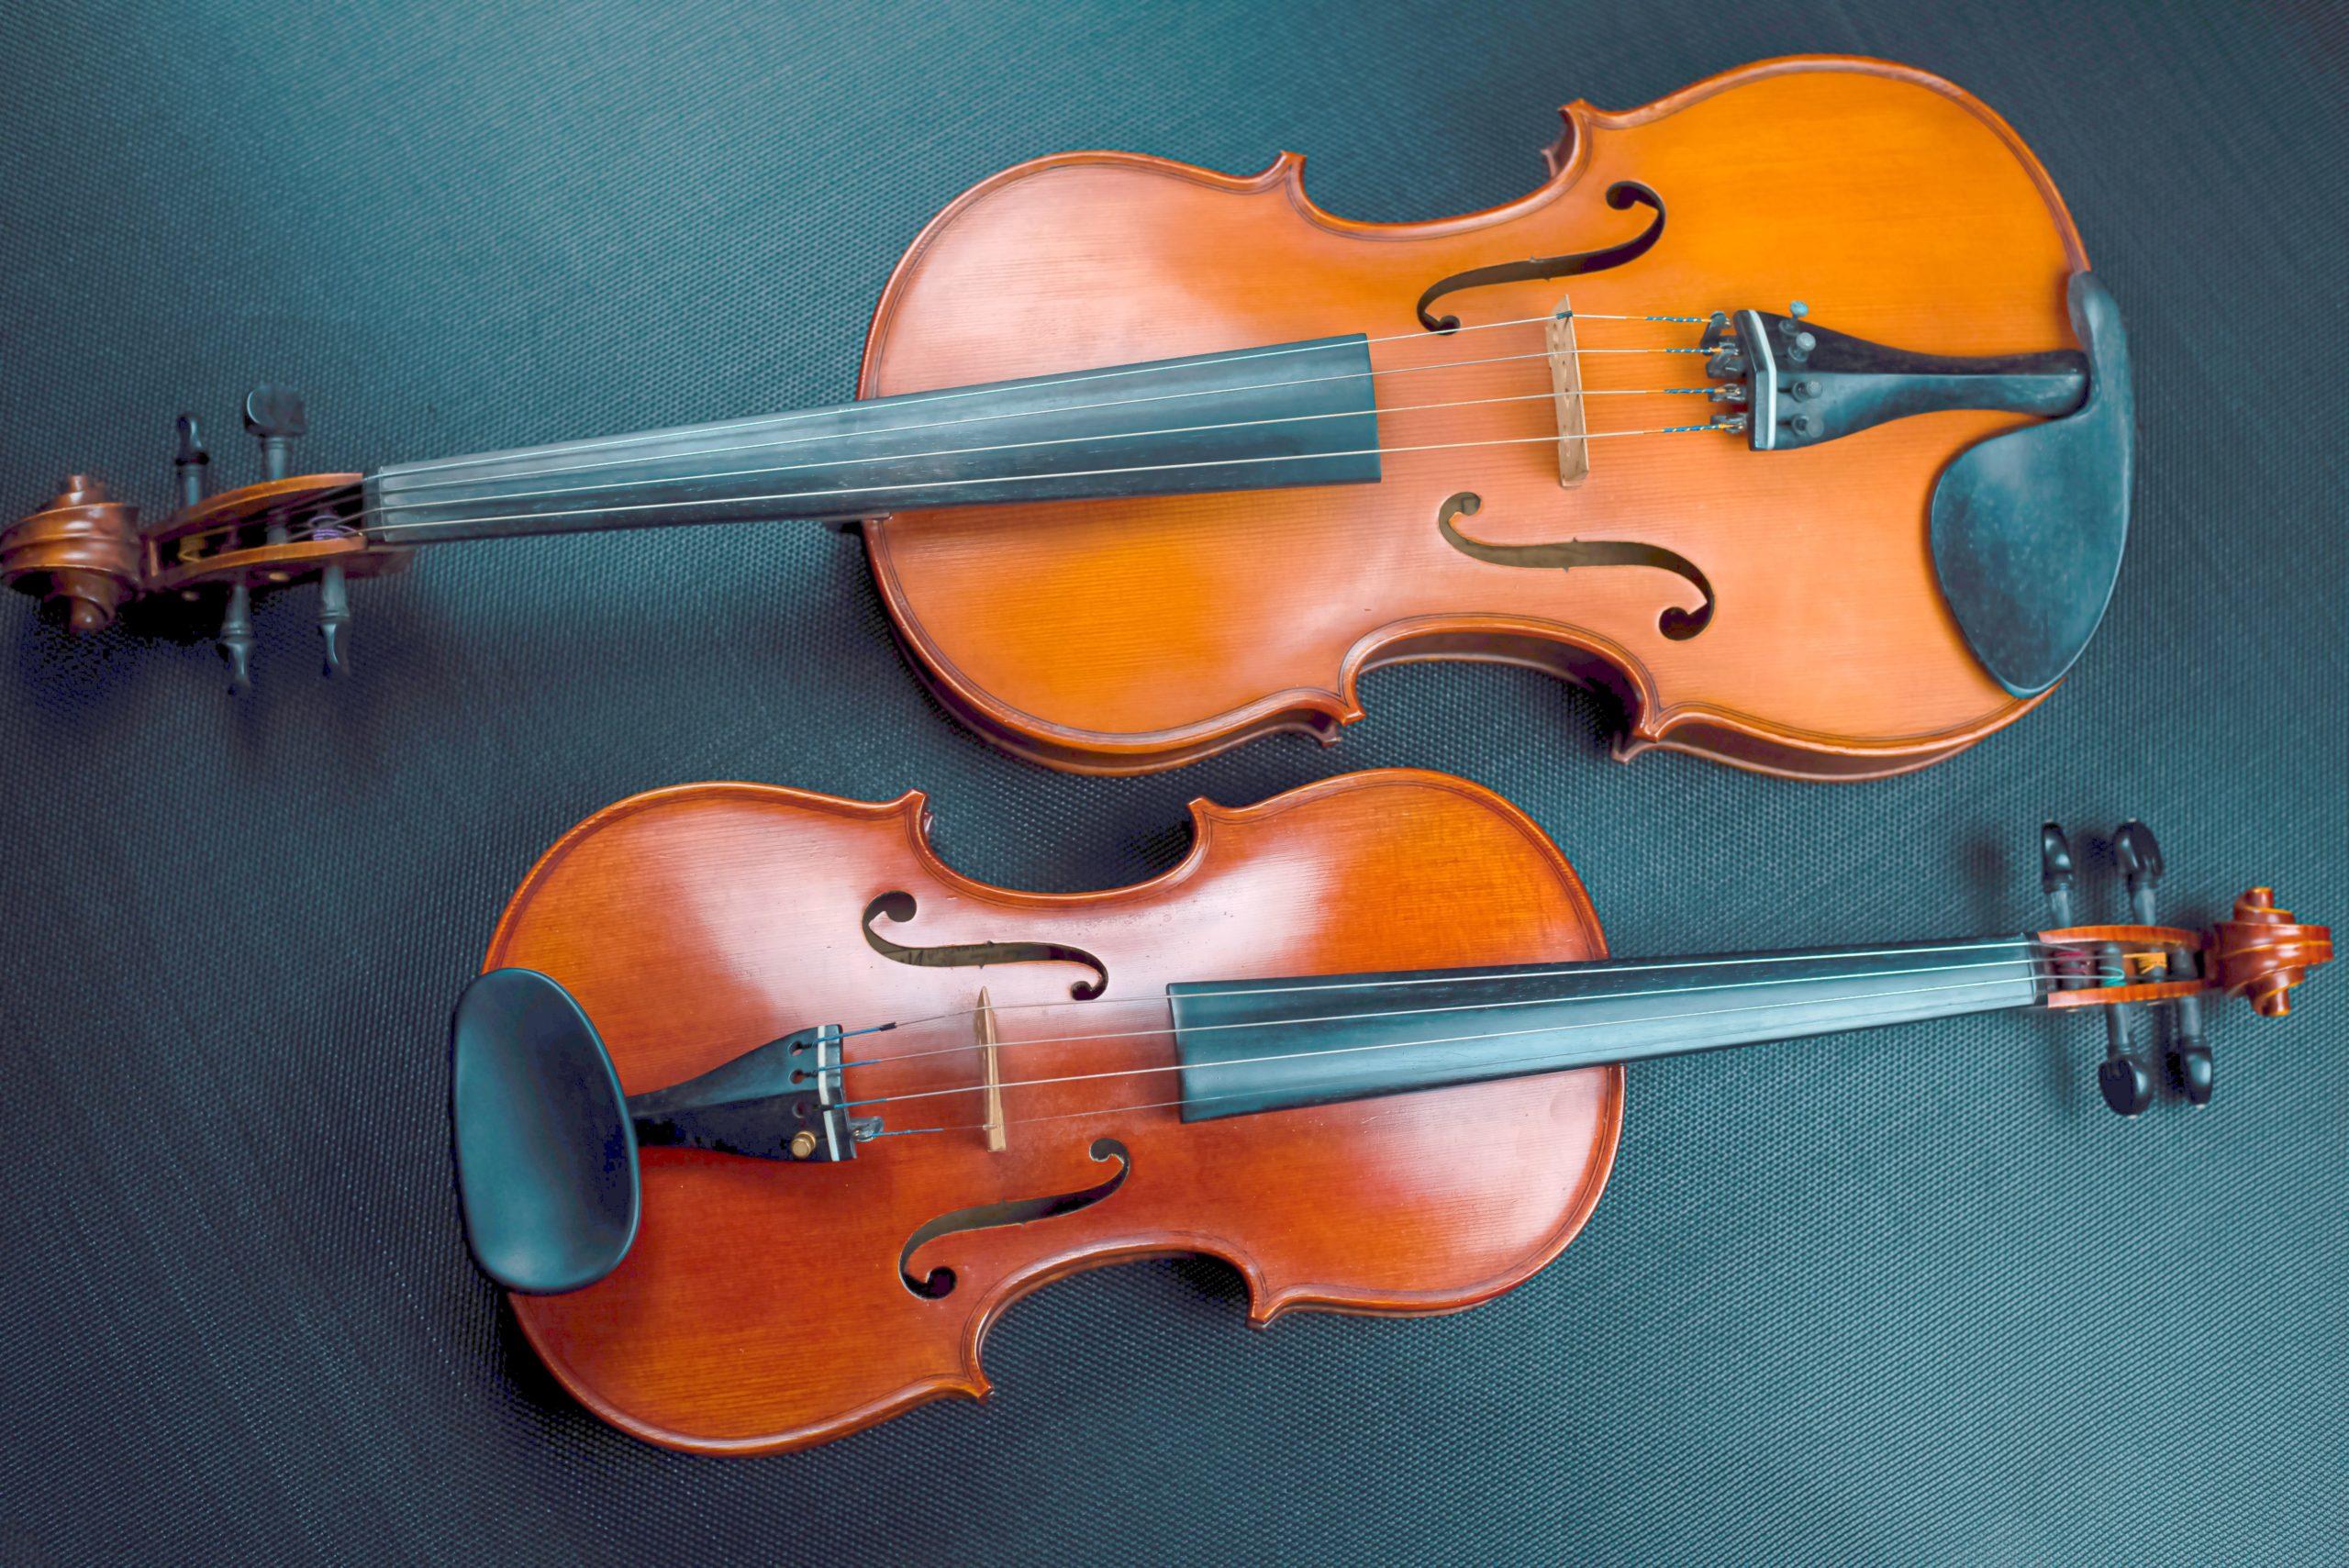 Viola vs violin - size of the instrument